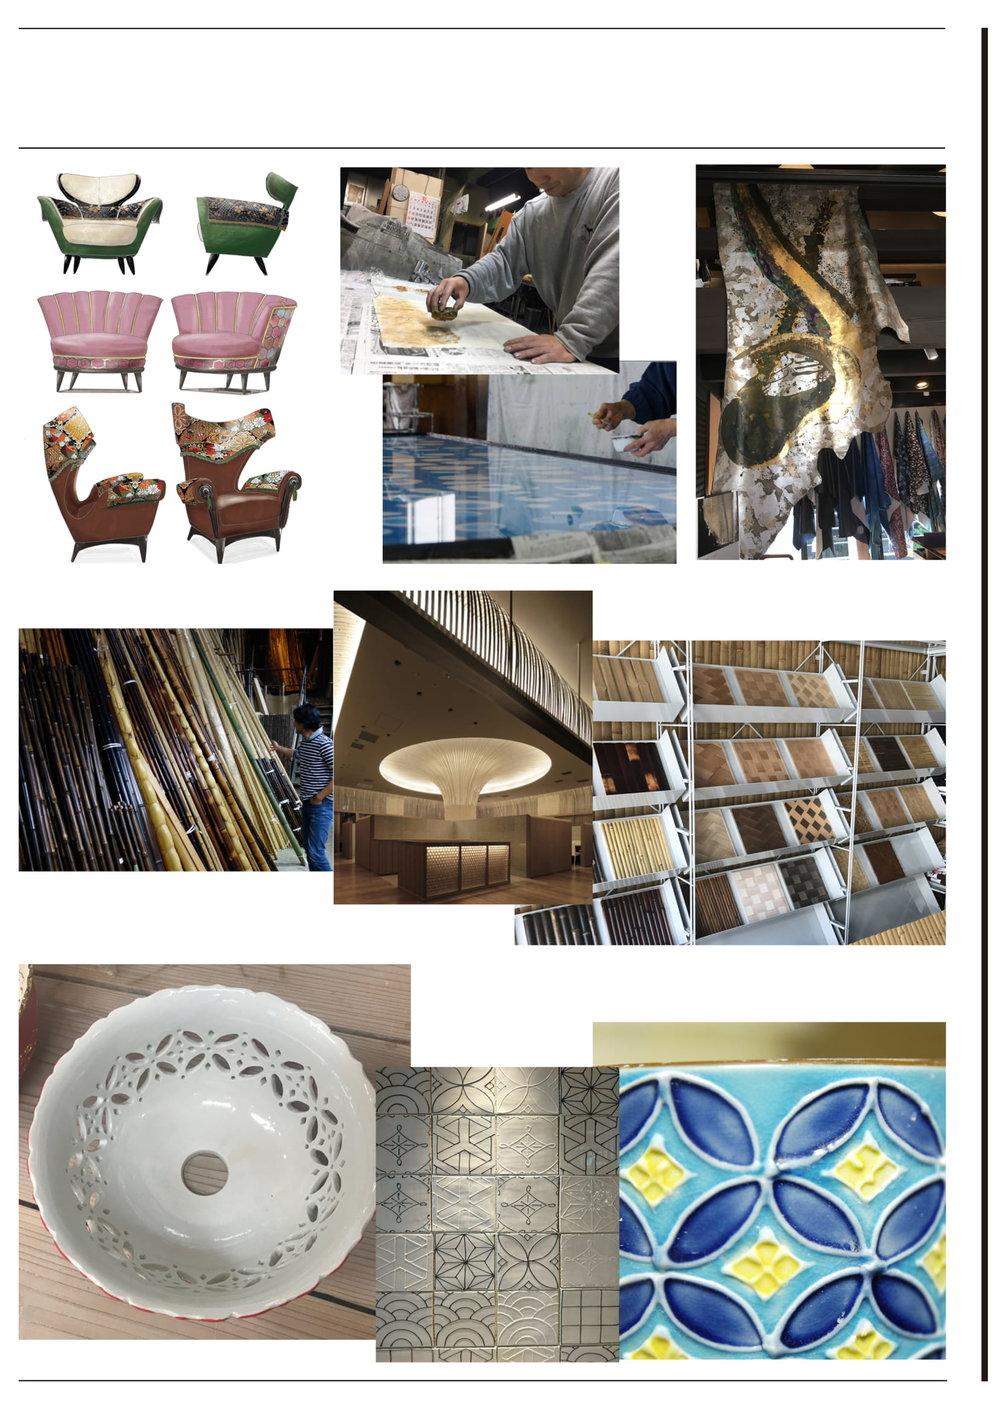 京都 伝統工芸 kyoto 椅子 chair